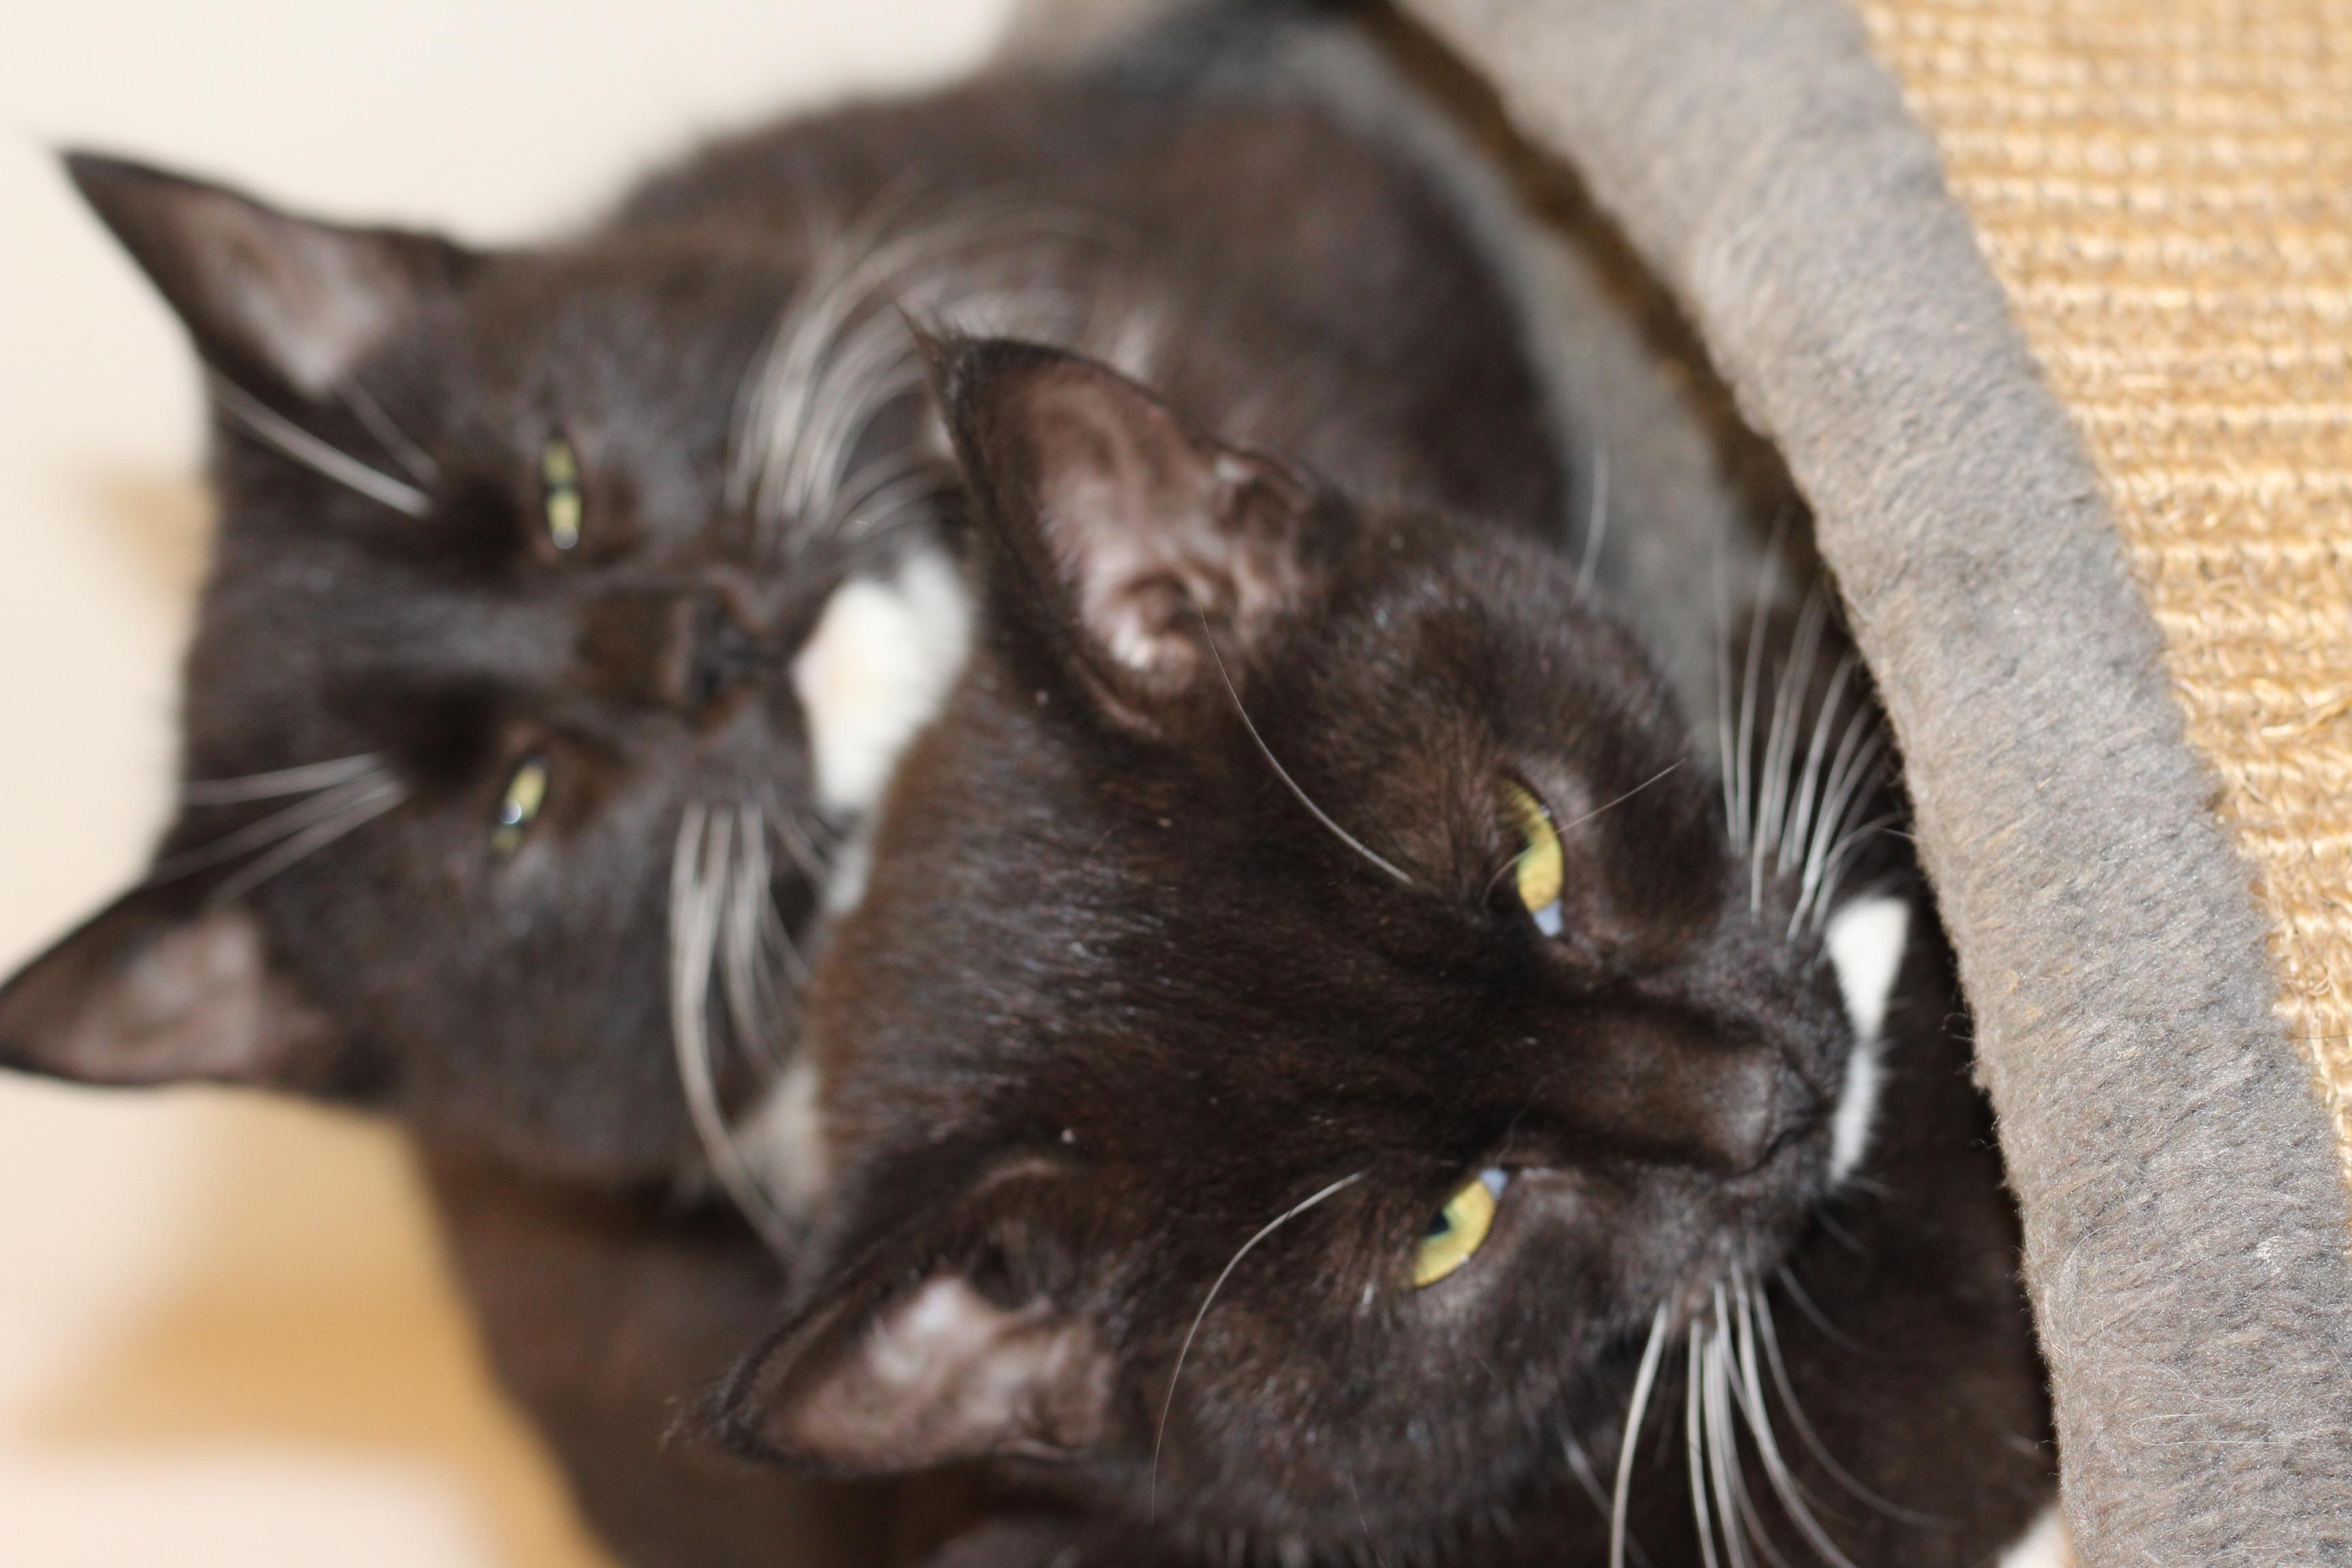 mikkel er en dejlig hankilling på 16 uger - har 2 søskende på samme alder.